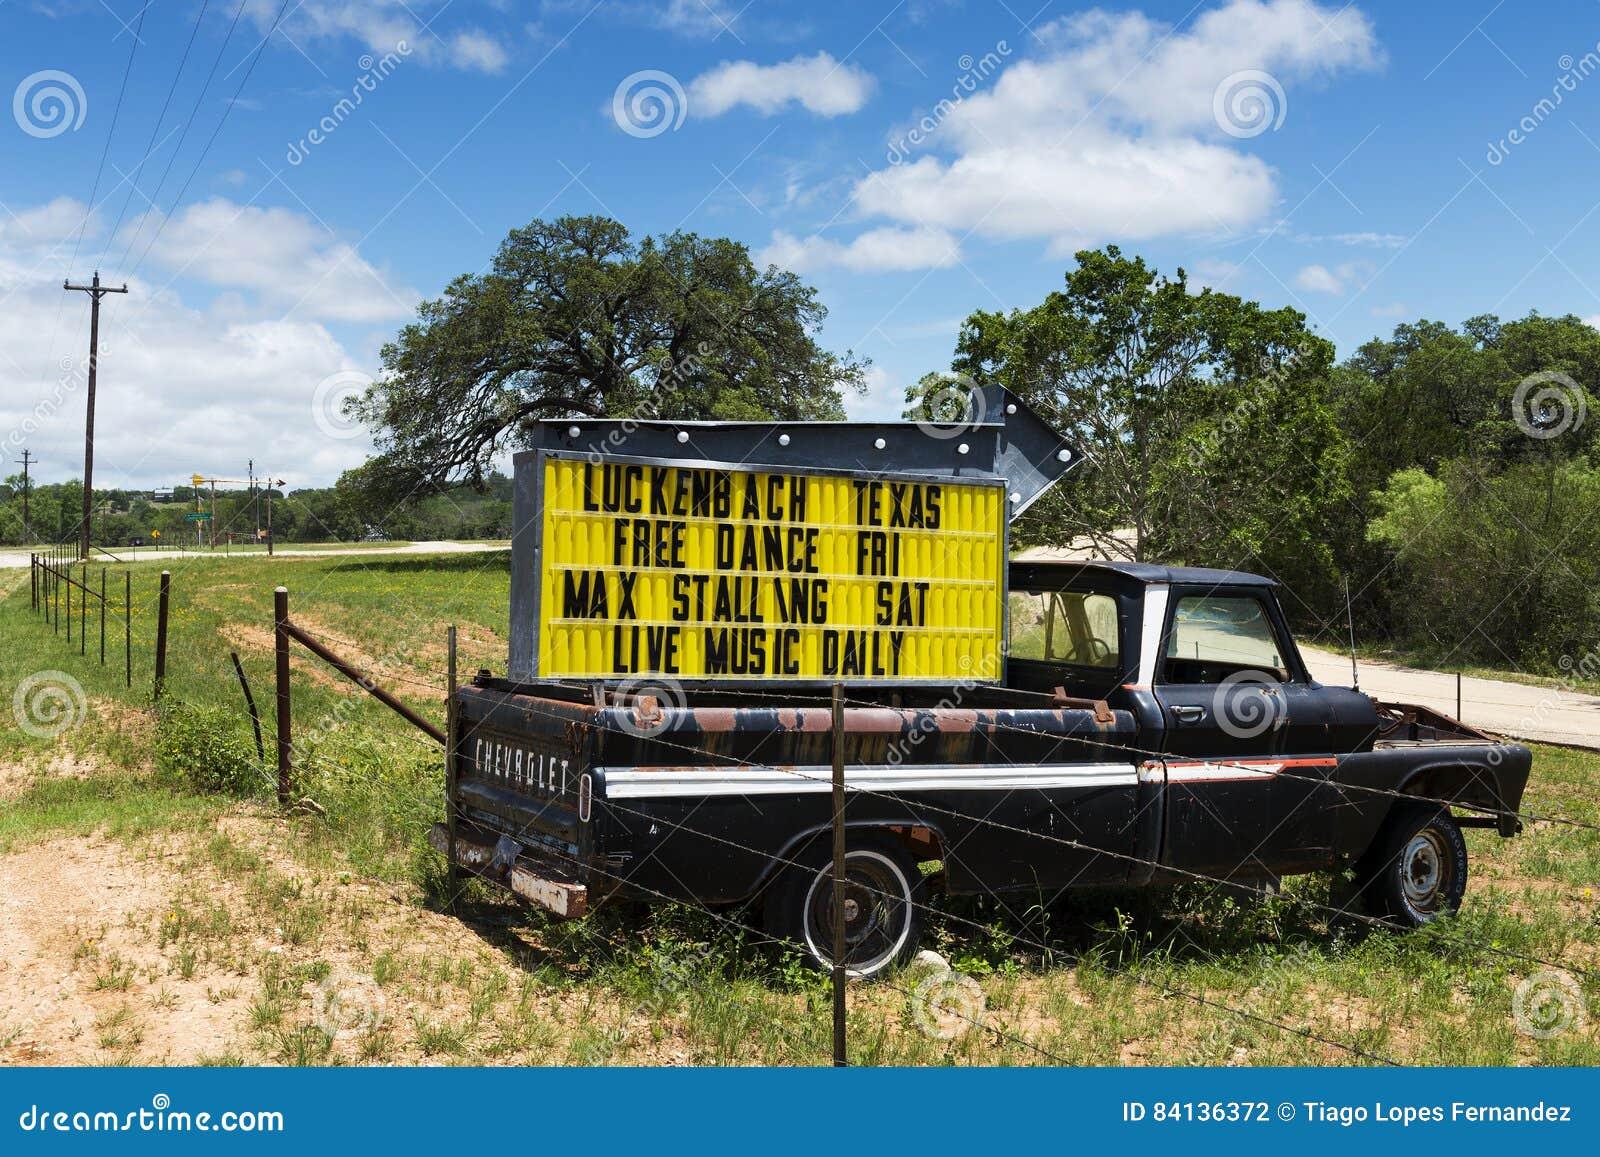 Oude vrachtwagen met een teken voor een muziekgebeurtenis in Luckenbach, Texas, de V.S.